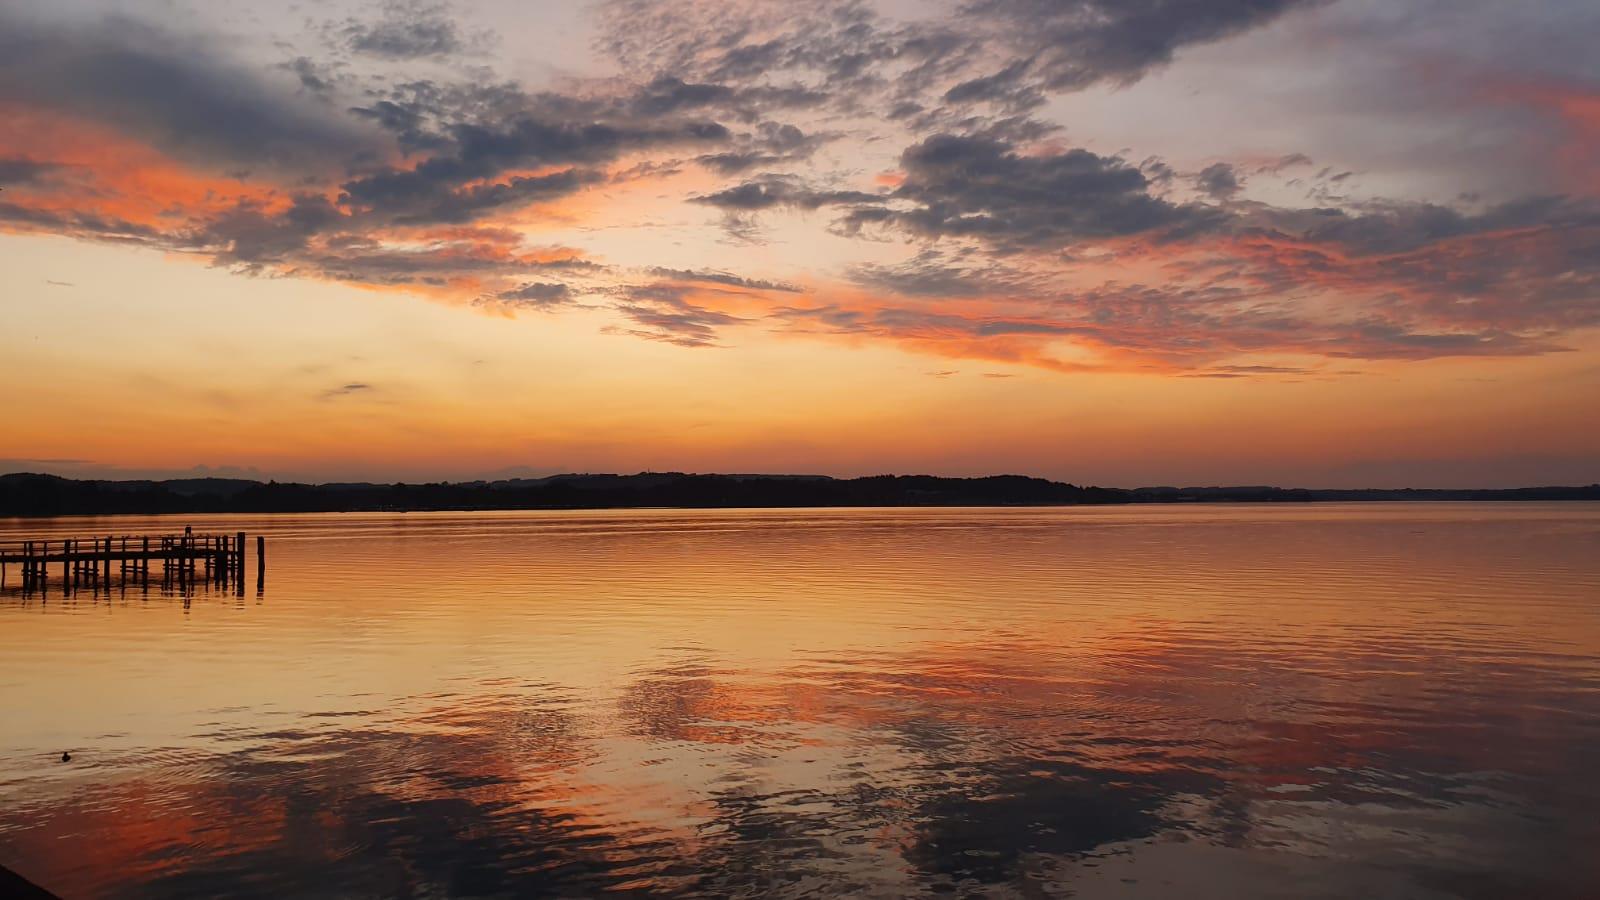 Sonnenuntergang_4_Chiemsee freigegeben für